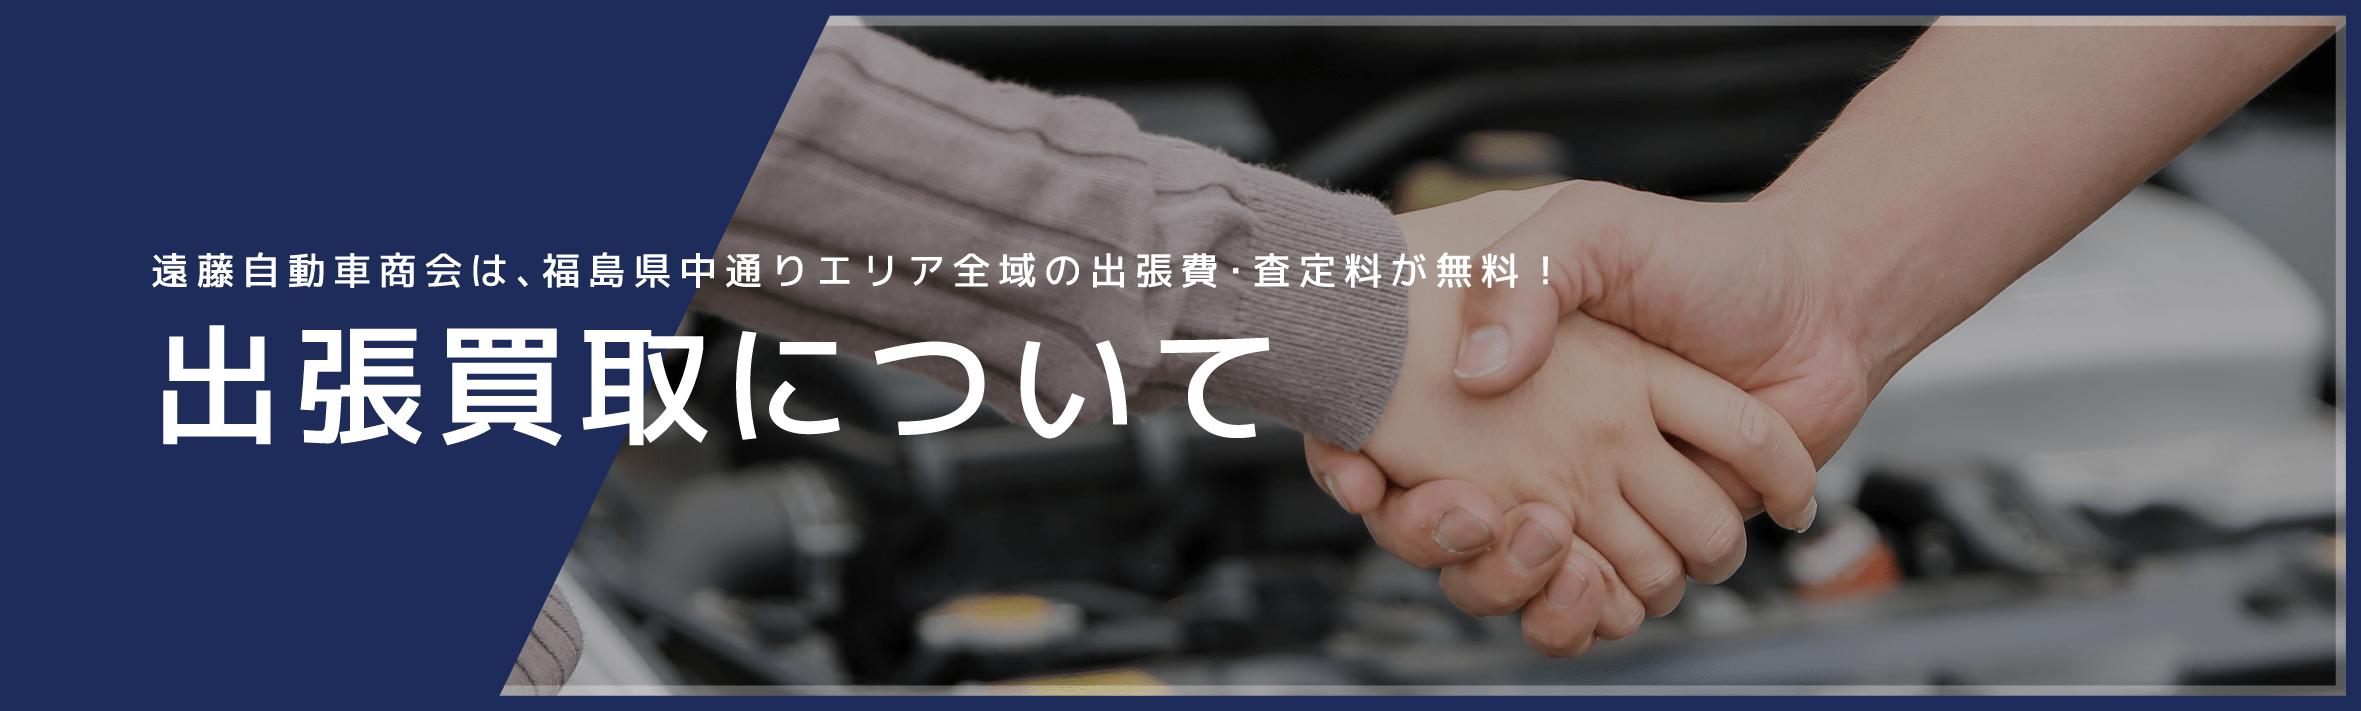 福島県郡山市・近郊のお客様はお車無料出張買取